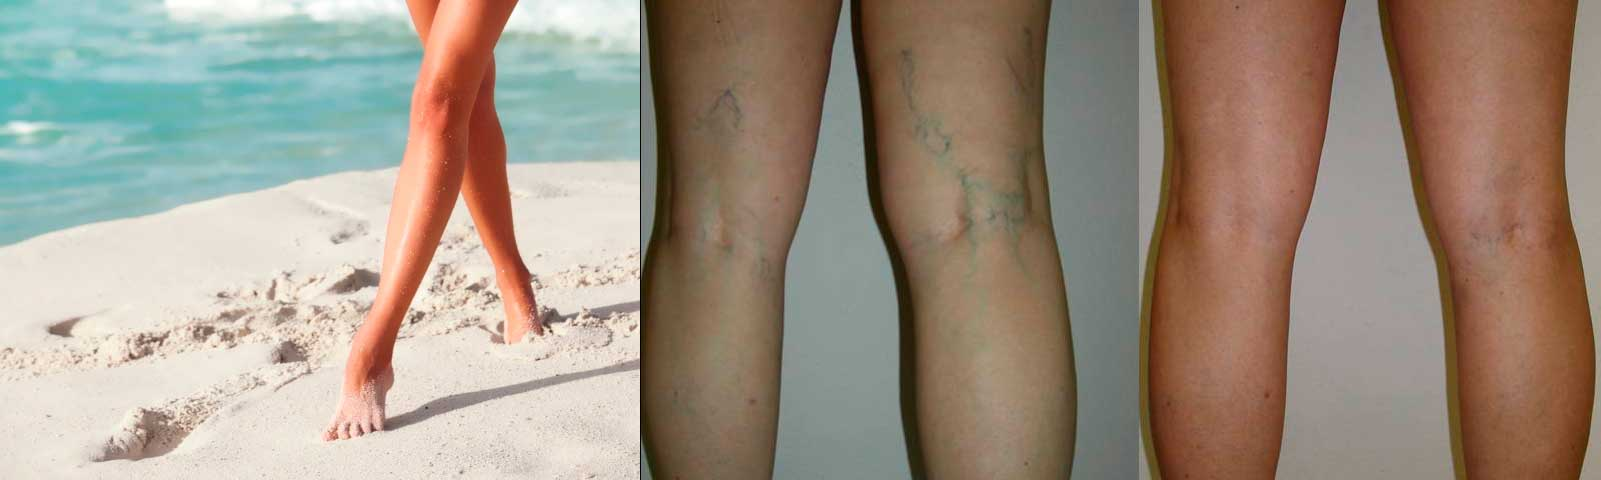 Чистые ноги без варикоза